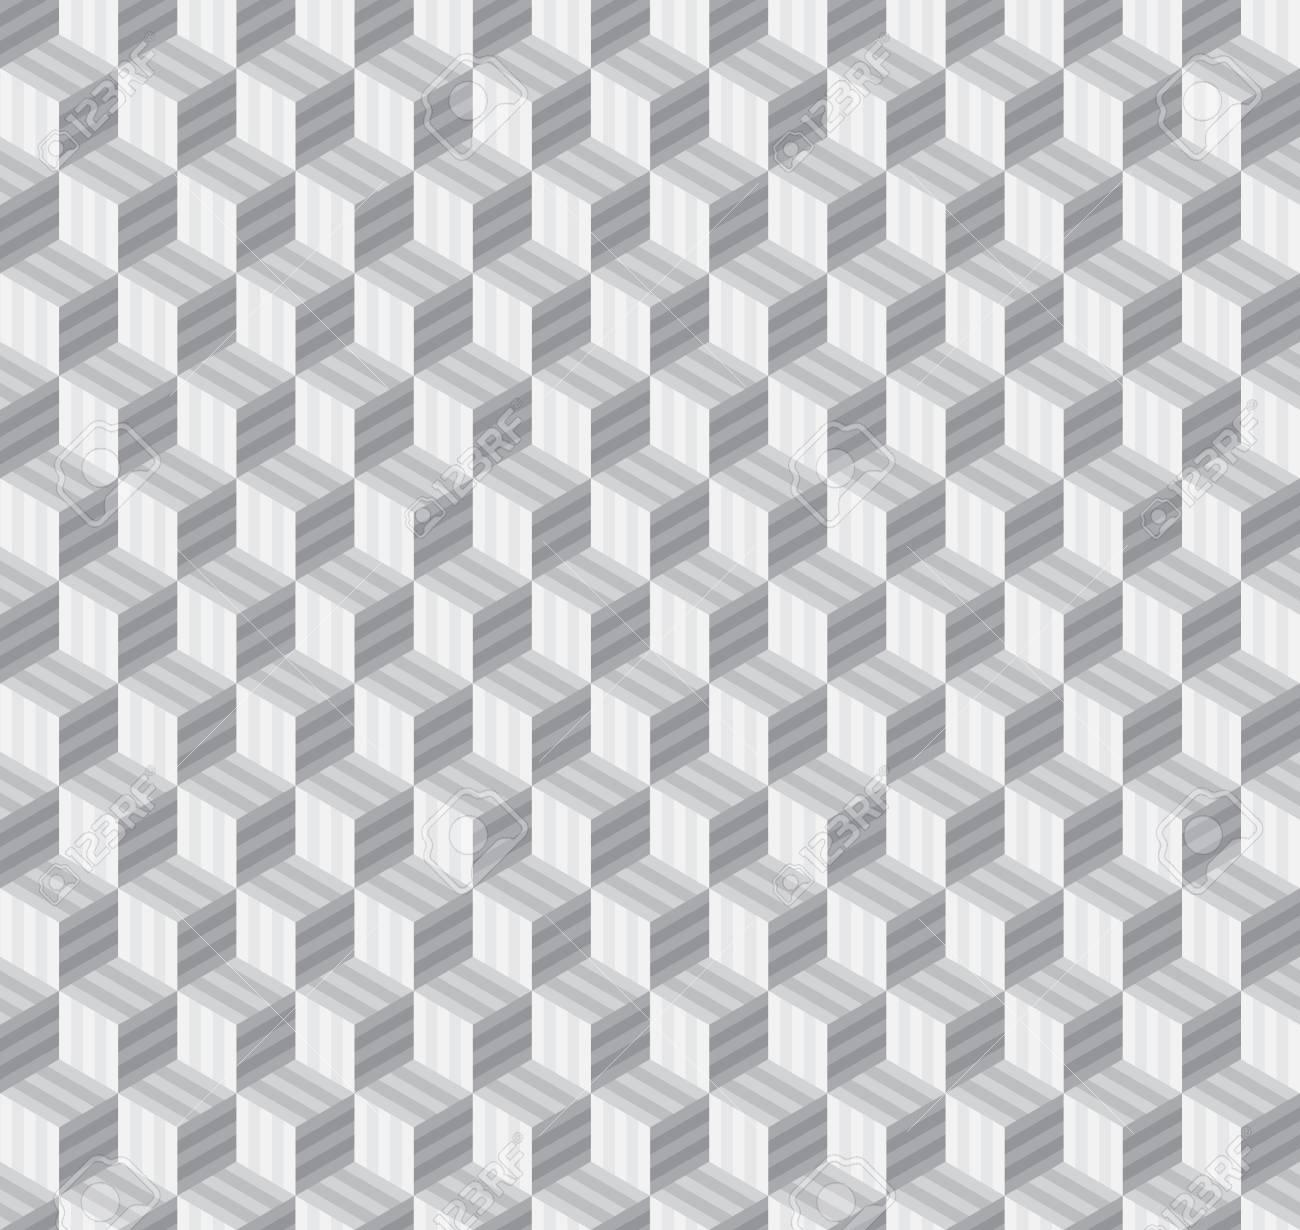 Línea De Forma Geométrica Abstracta Patrones De Costura Cubo ...